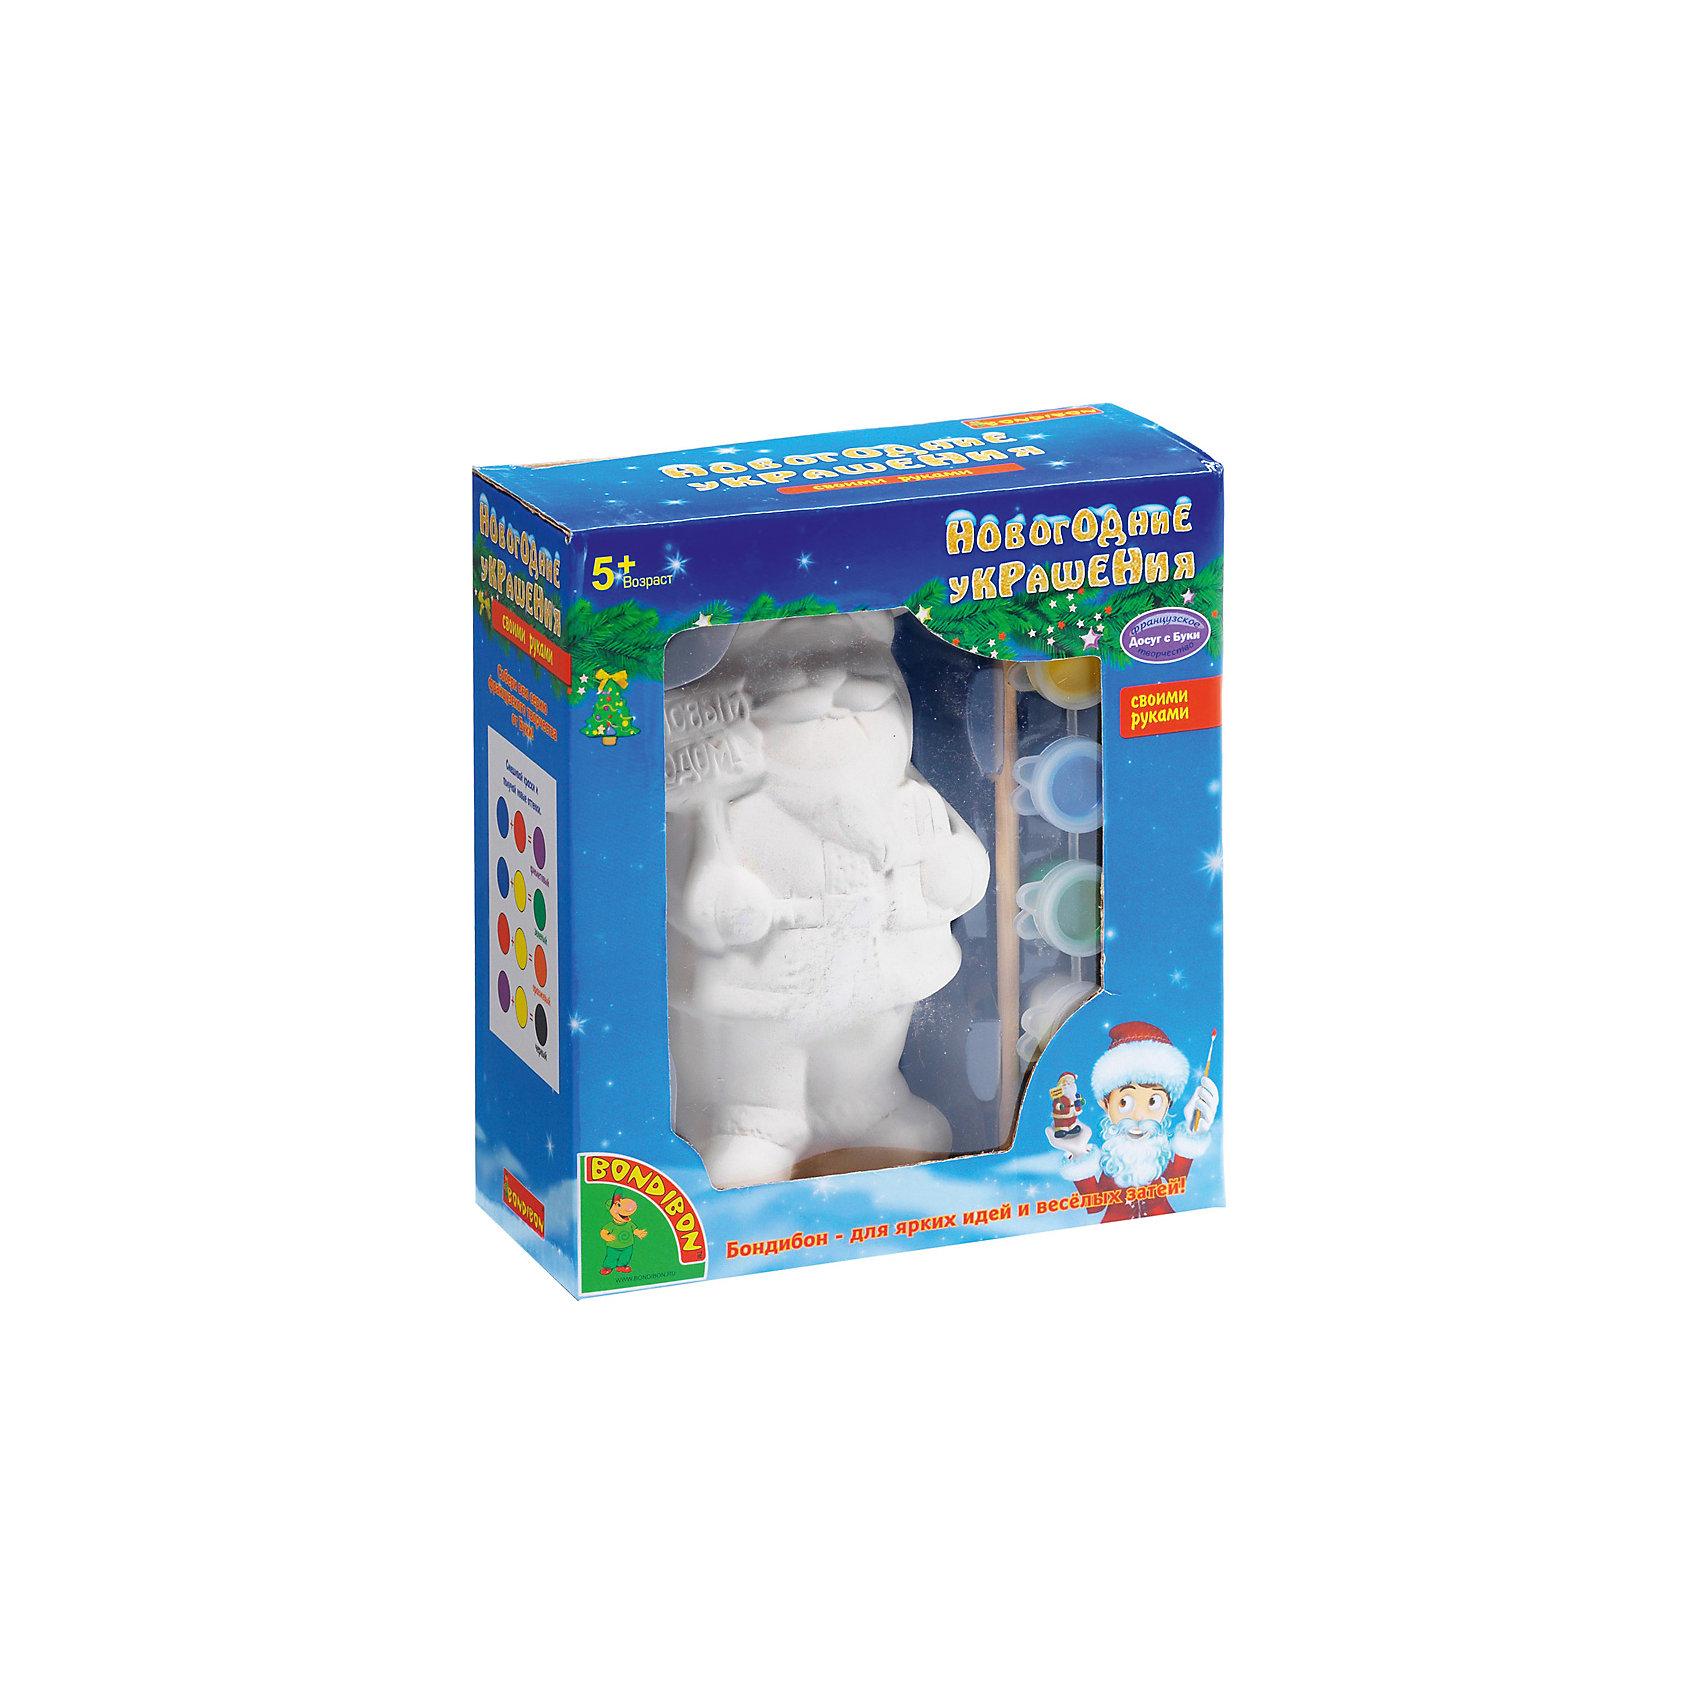 Bondibon Набор для творчества Дед Мороз 14,6см, Bondibon игровые фигурки maxitoys фигура дед мороз в плетеном кресле музыкальный